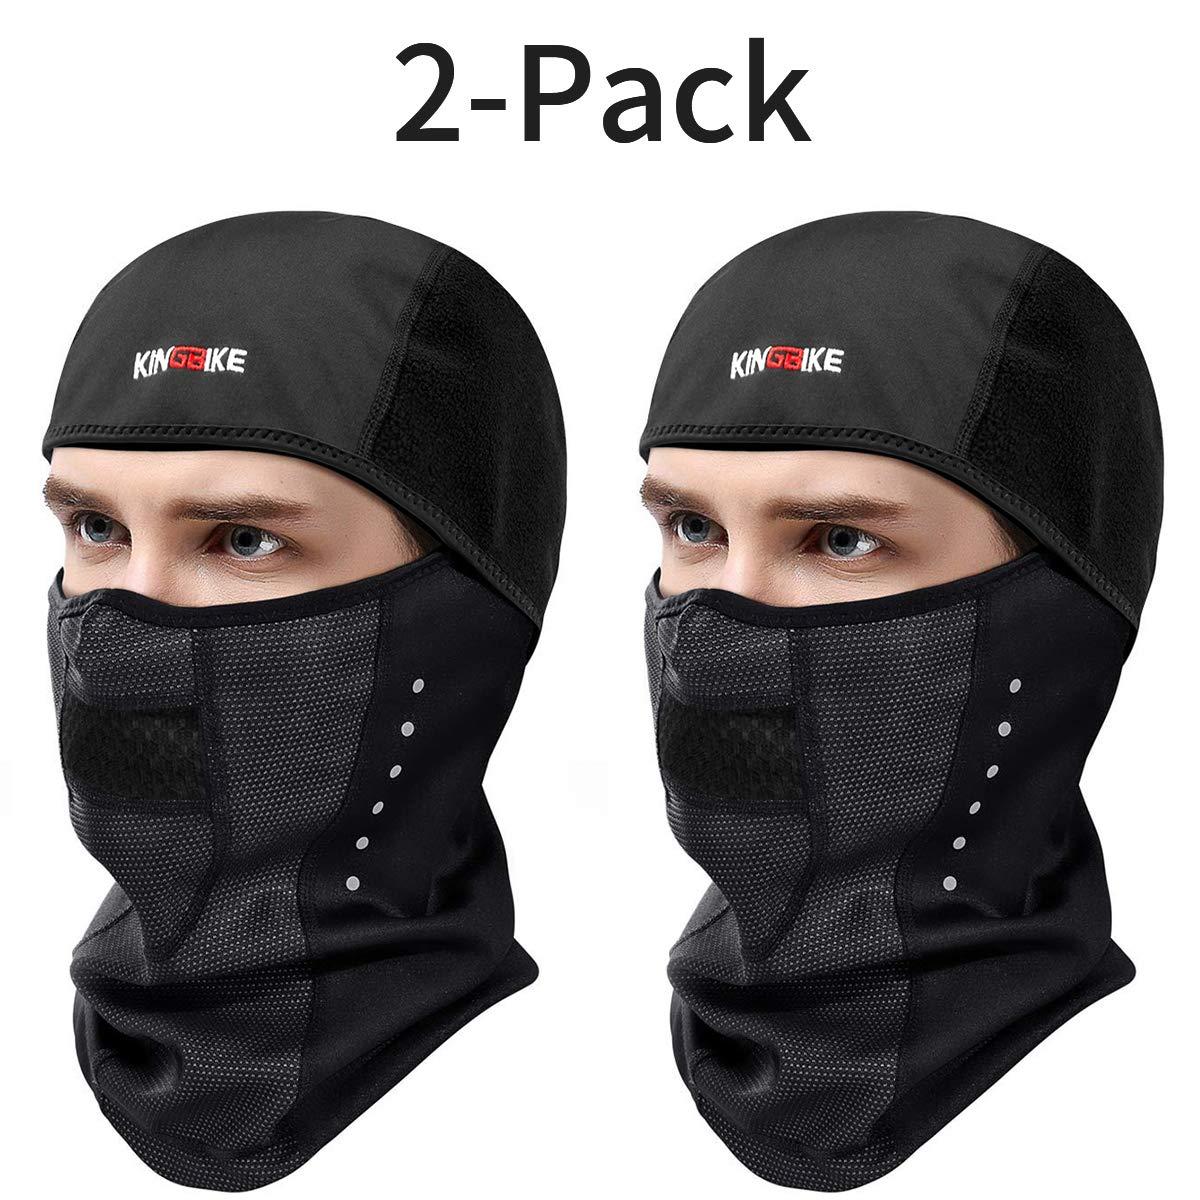 KINGBIKE Balaclava Ski Face Mask Windproof Waterproof Warm Hood for Men Women (Style 1-Snug Fit(2 PACK))